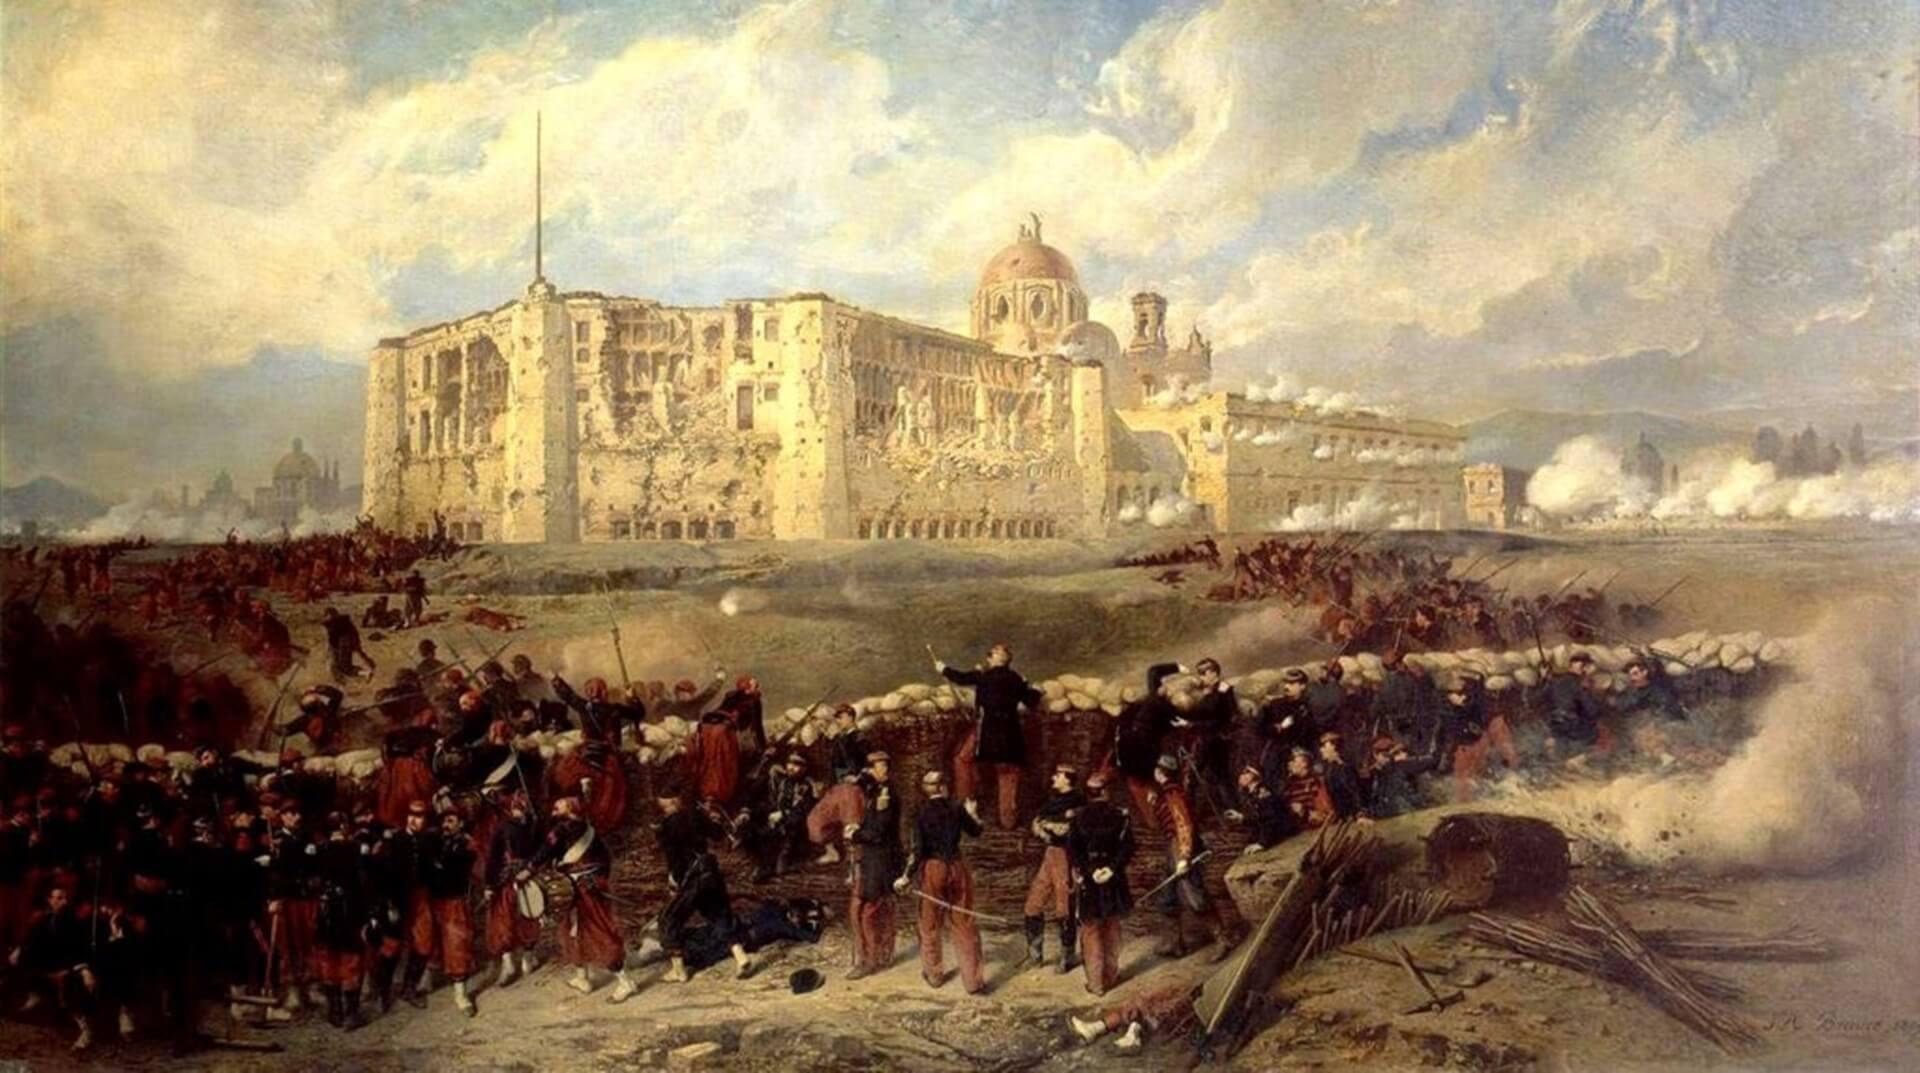 La intervención francesa en México y el Segundo Imperio de Maximiliano I (1862-1867)